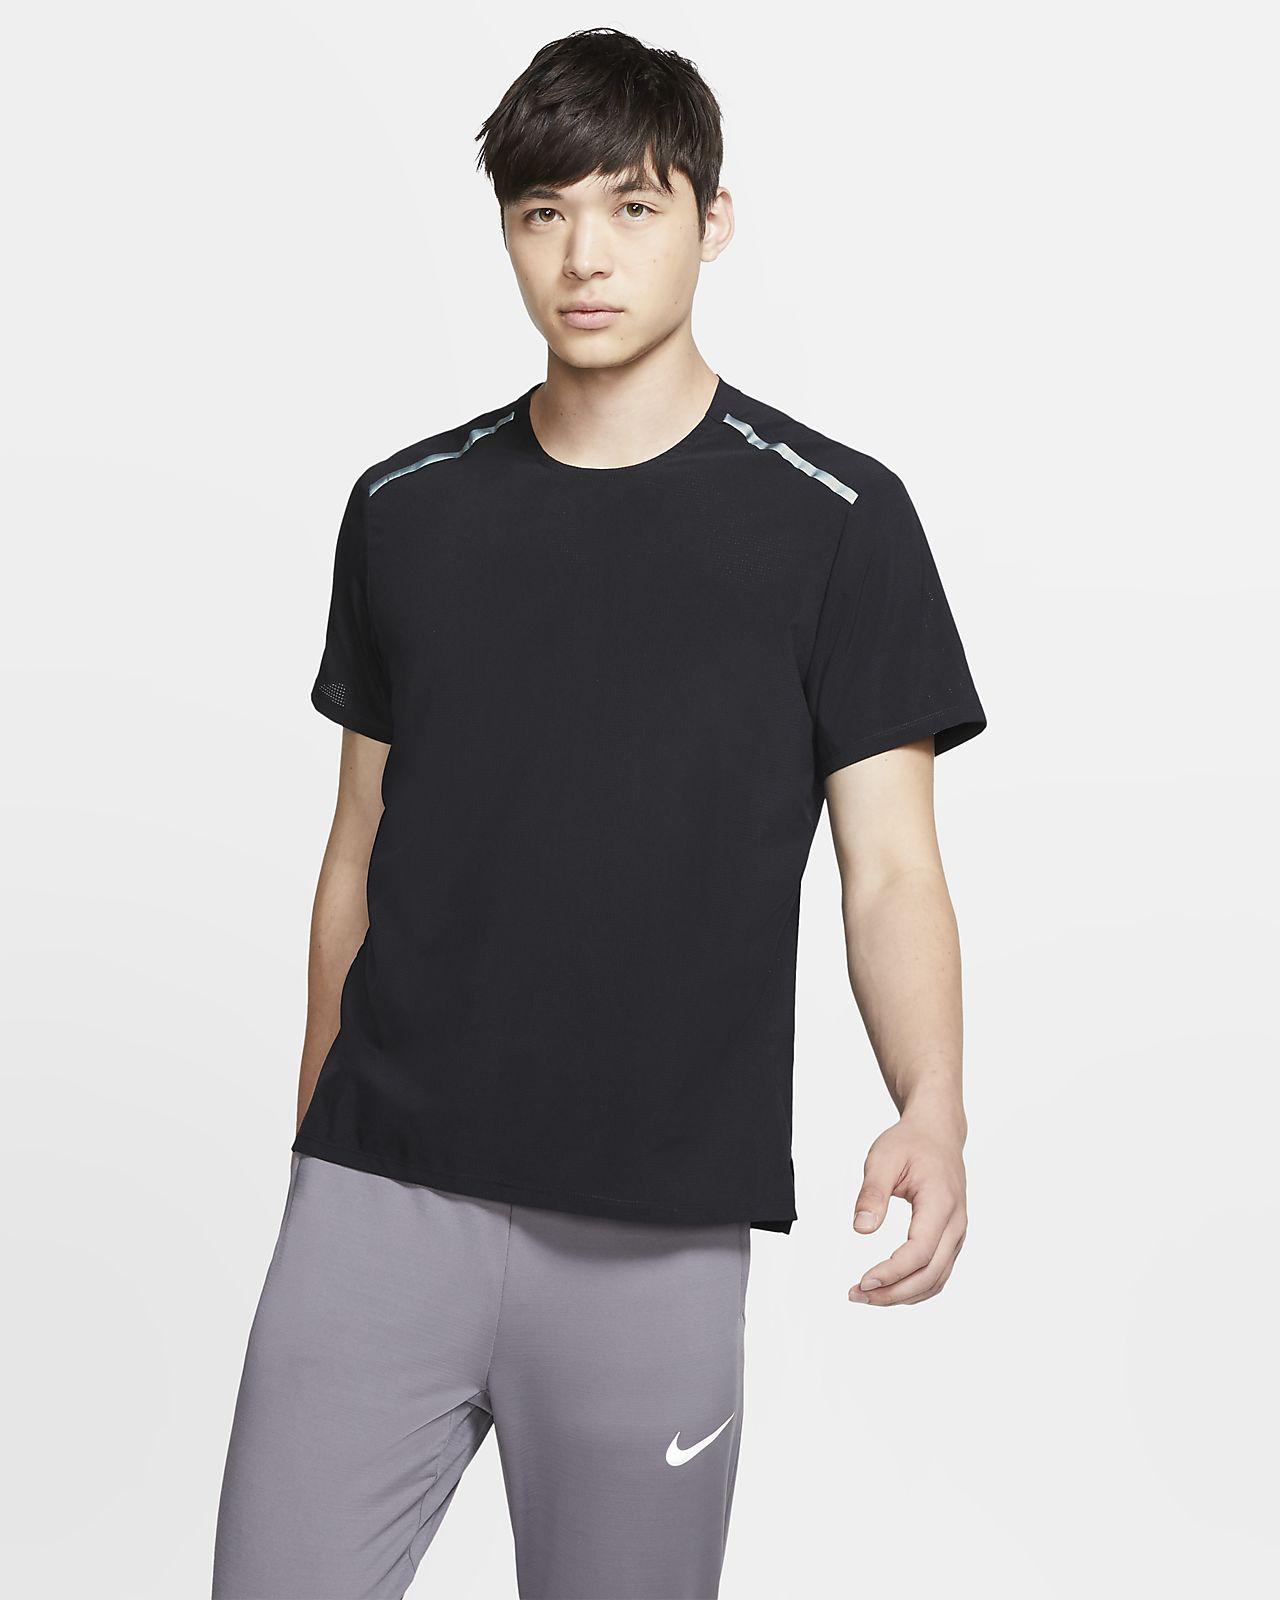 Maglia da running a manica corta Nike - Uomo